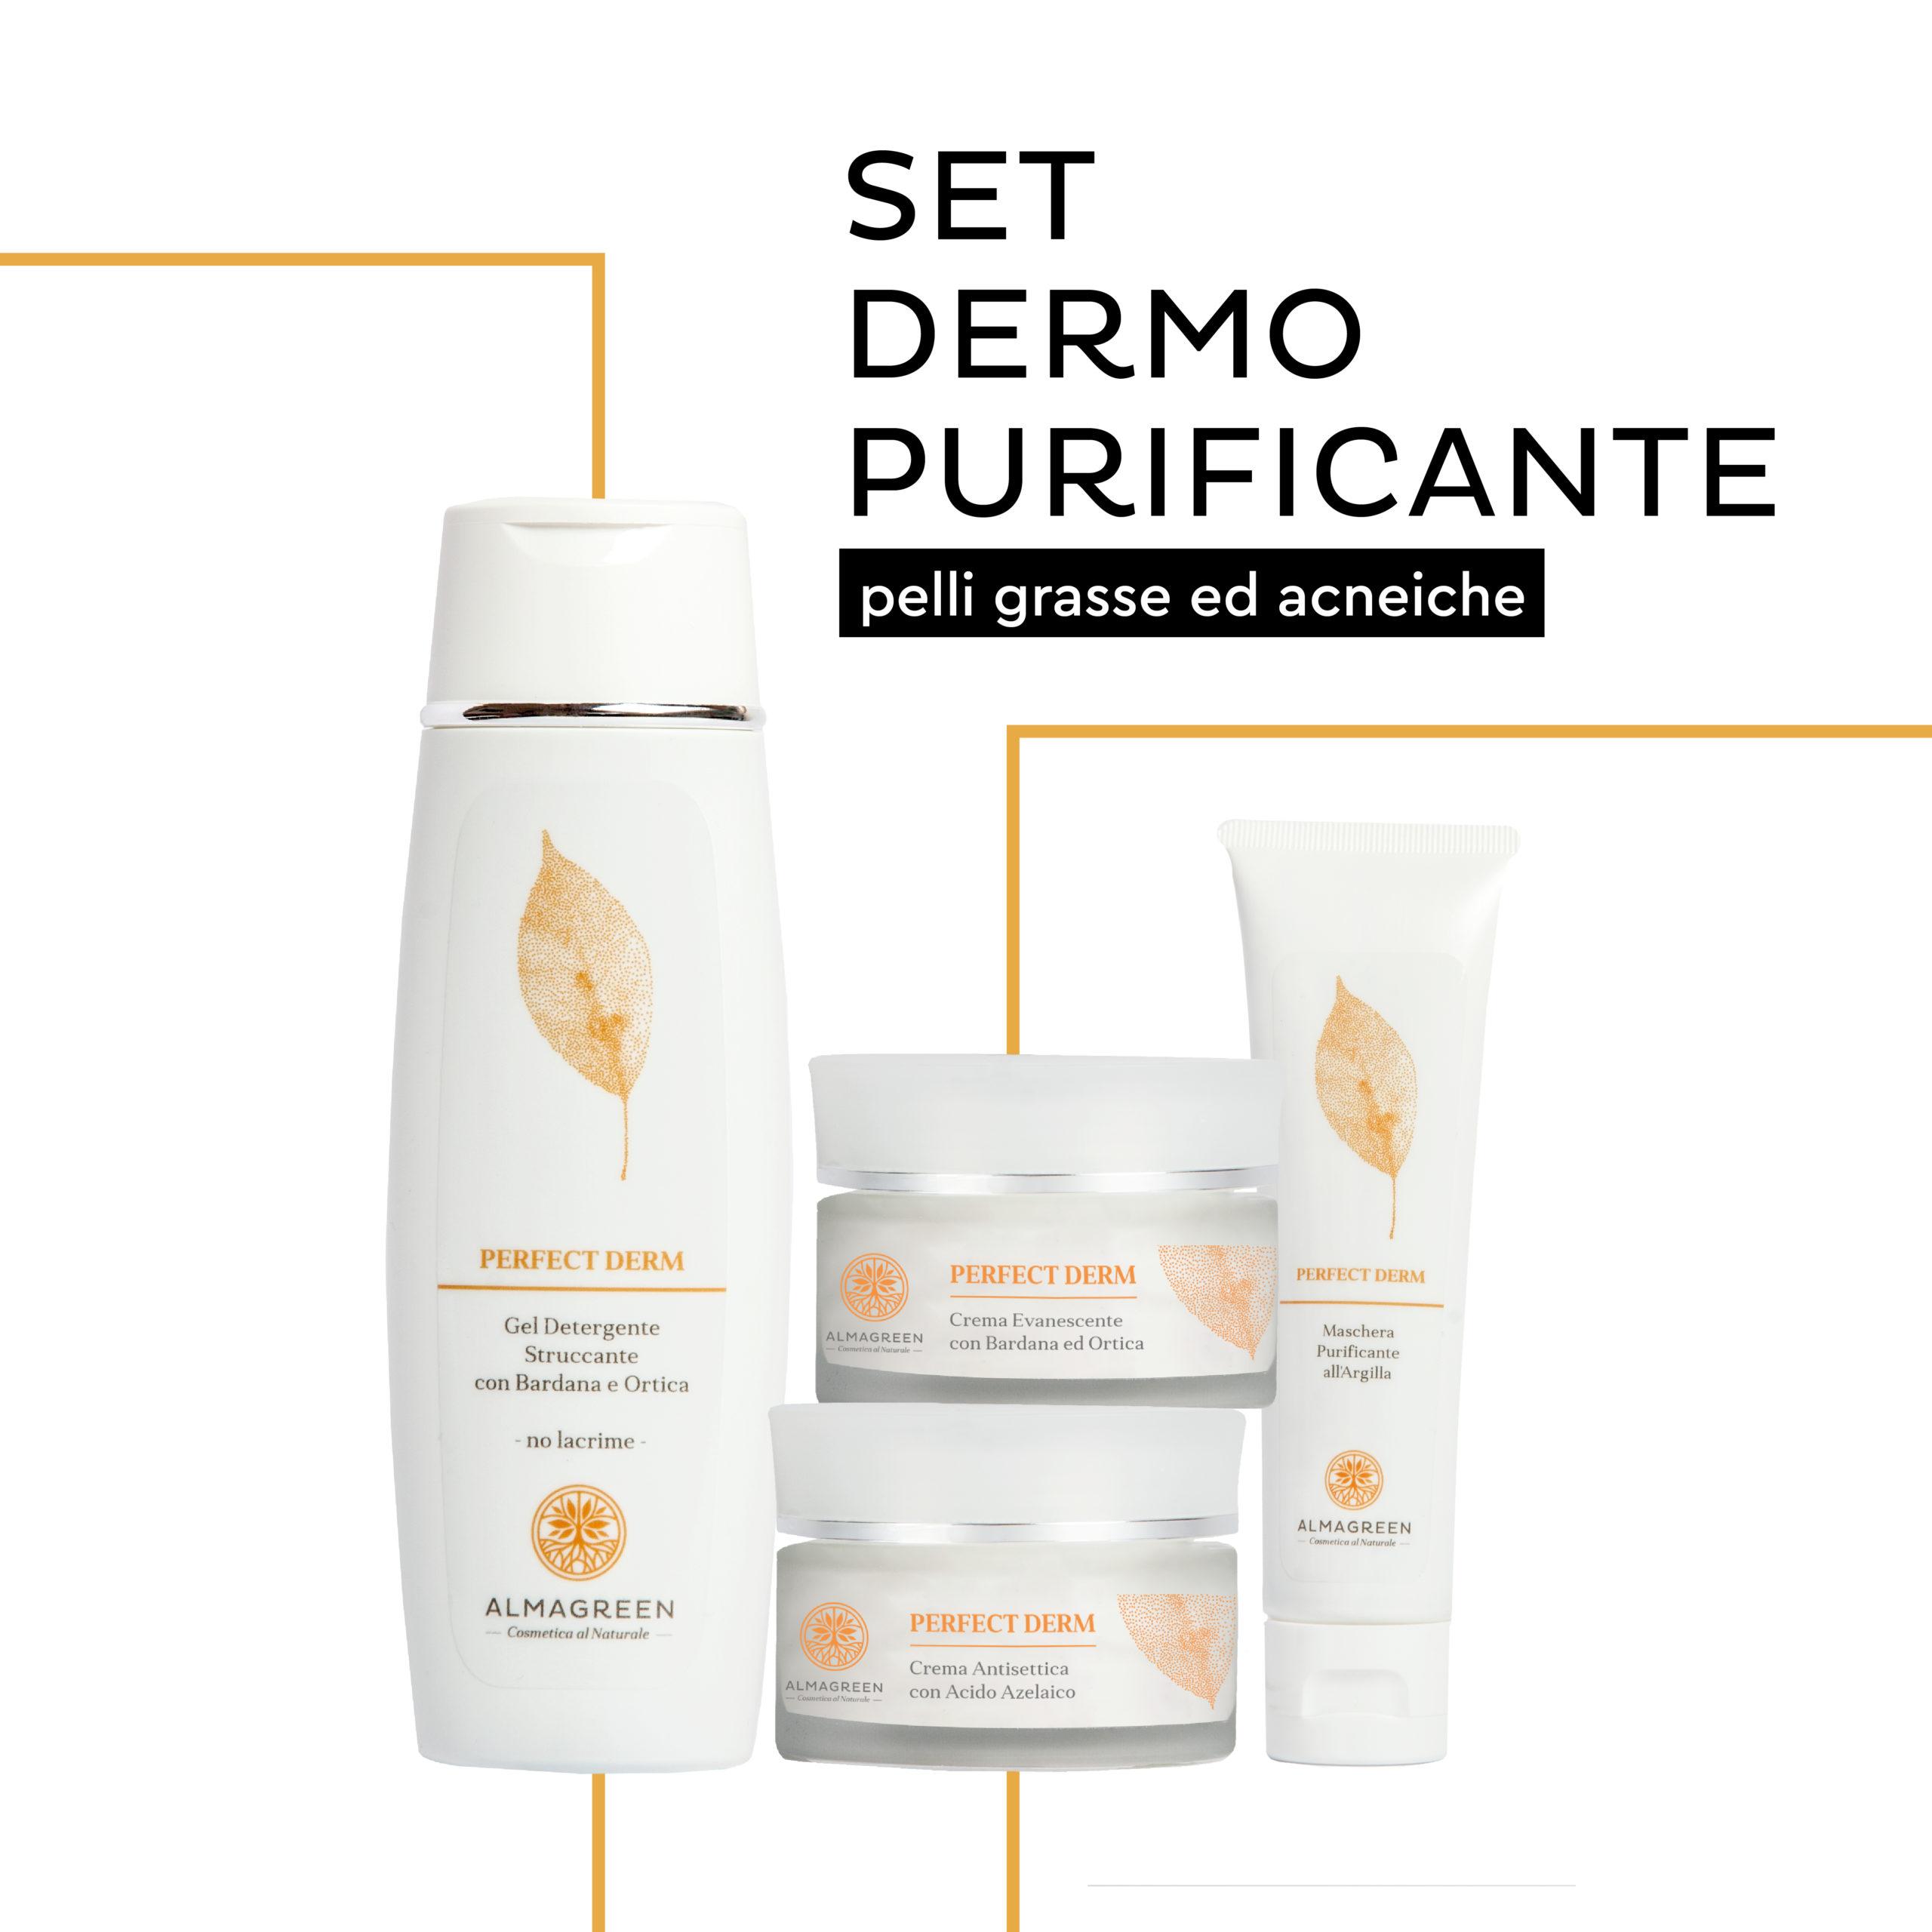 prodotti naturali viso purificanti per pelli grasse e acneiche - Almagreen